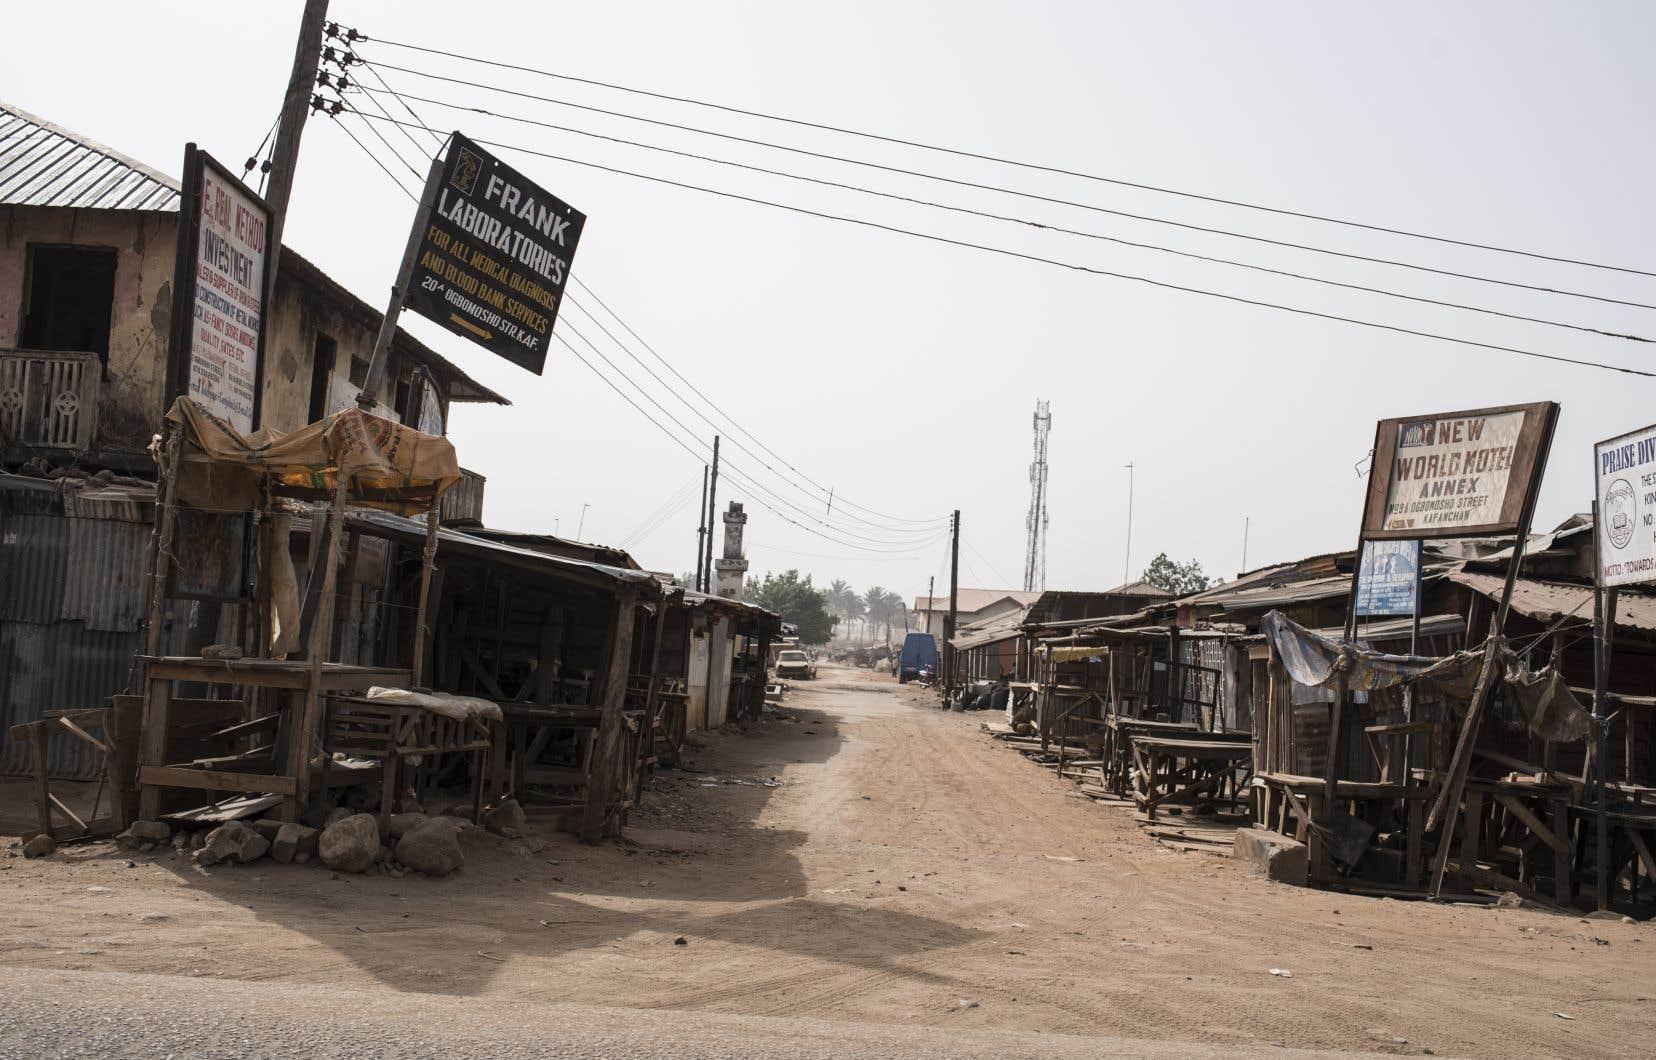 Ce n'est pas la première fois que la région de Kaduna est en proie à des violences intercommunautaires. En 2017, des heurts avaient eu lieu entre fermiers chrétiens et musulmans à Kafanchan, à 200 kilomètres de la ville de Kaduna. Ils avaient faits quelques dizaines de morts.